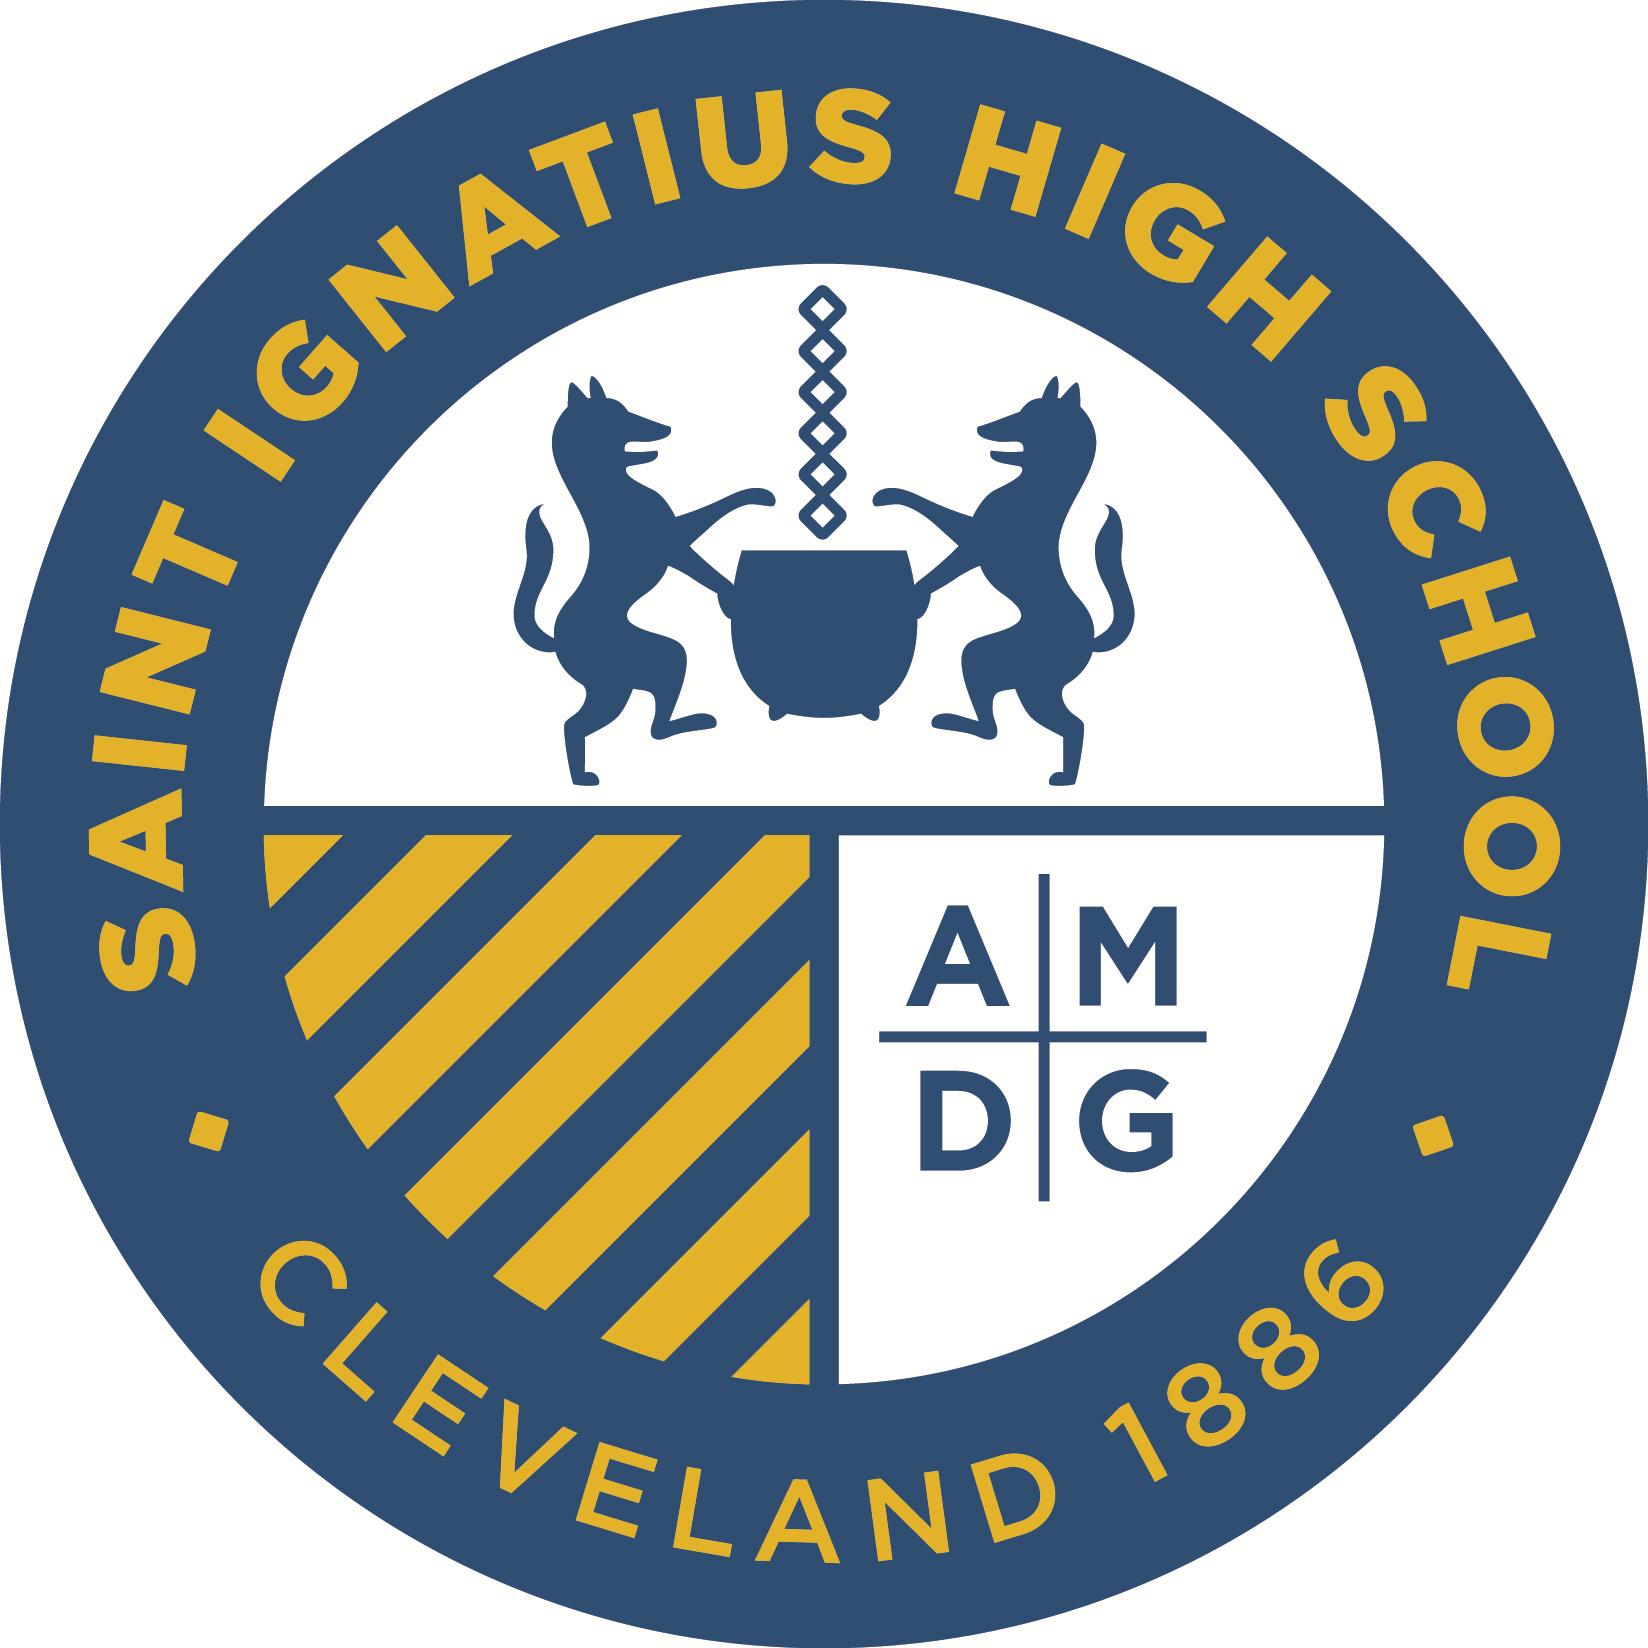 Saint Ignatius High School logo